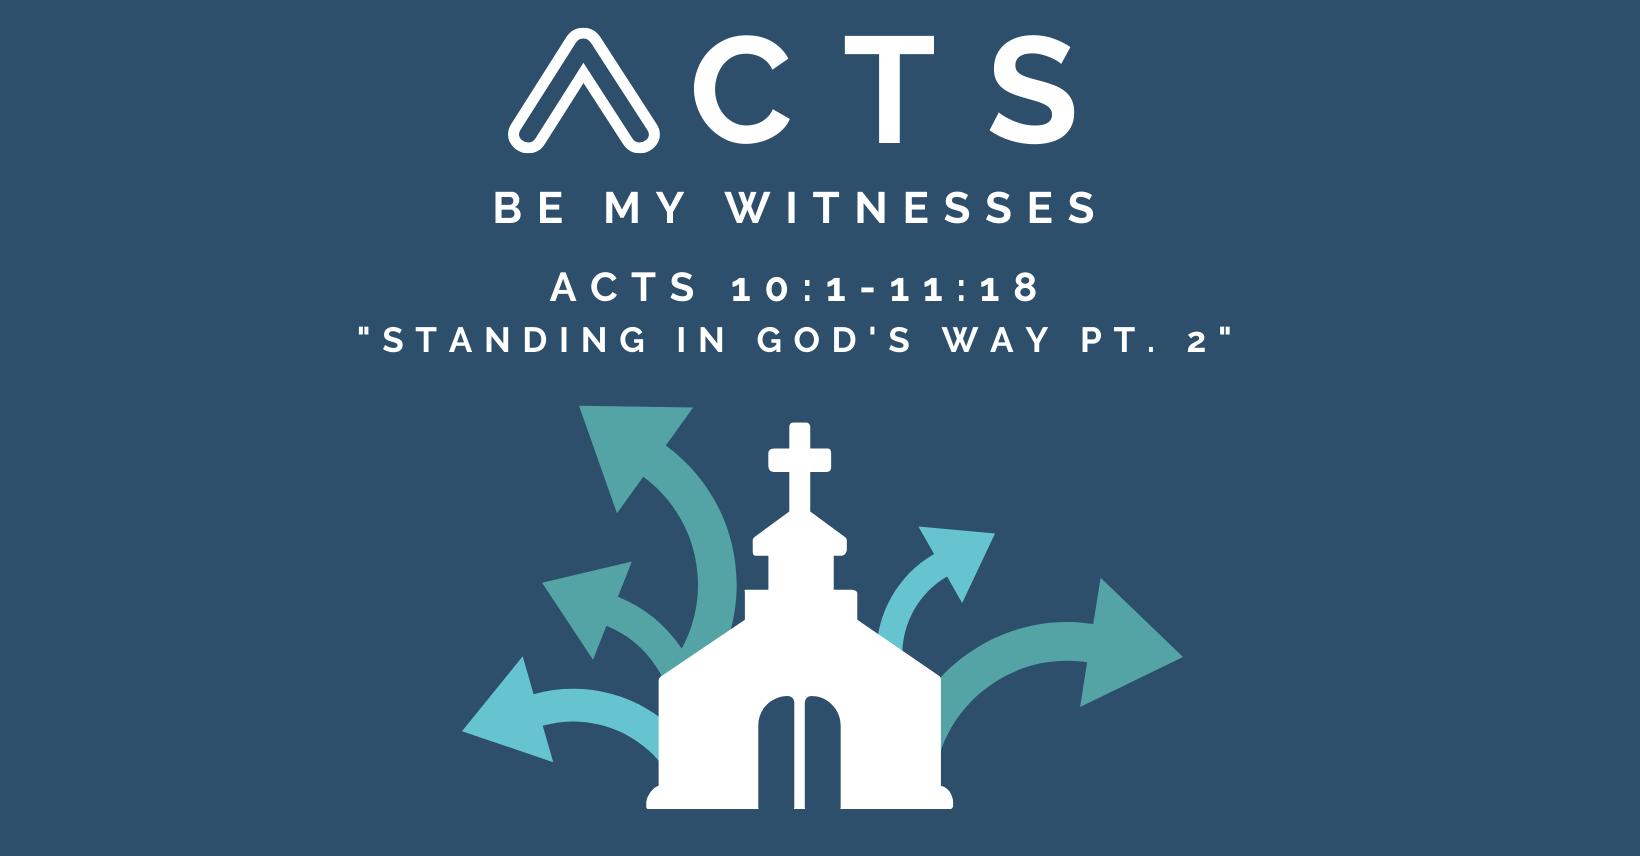 Standing in God's Way Pt. 2